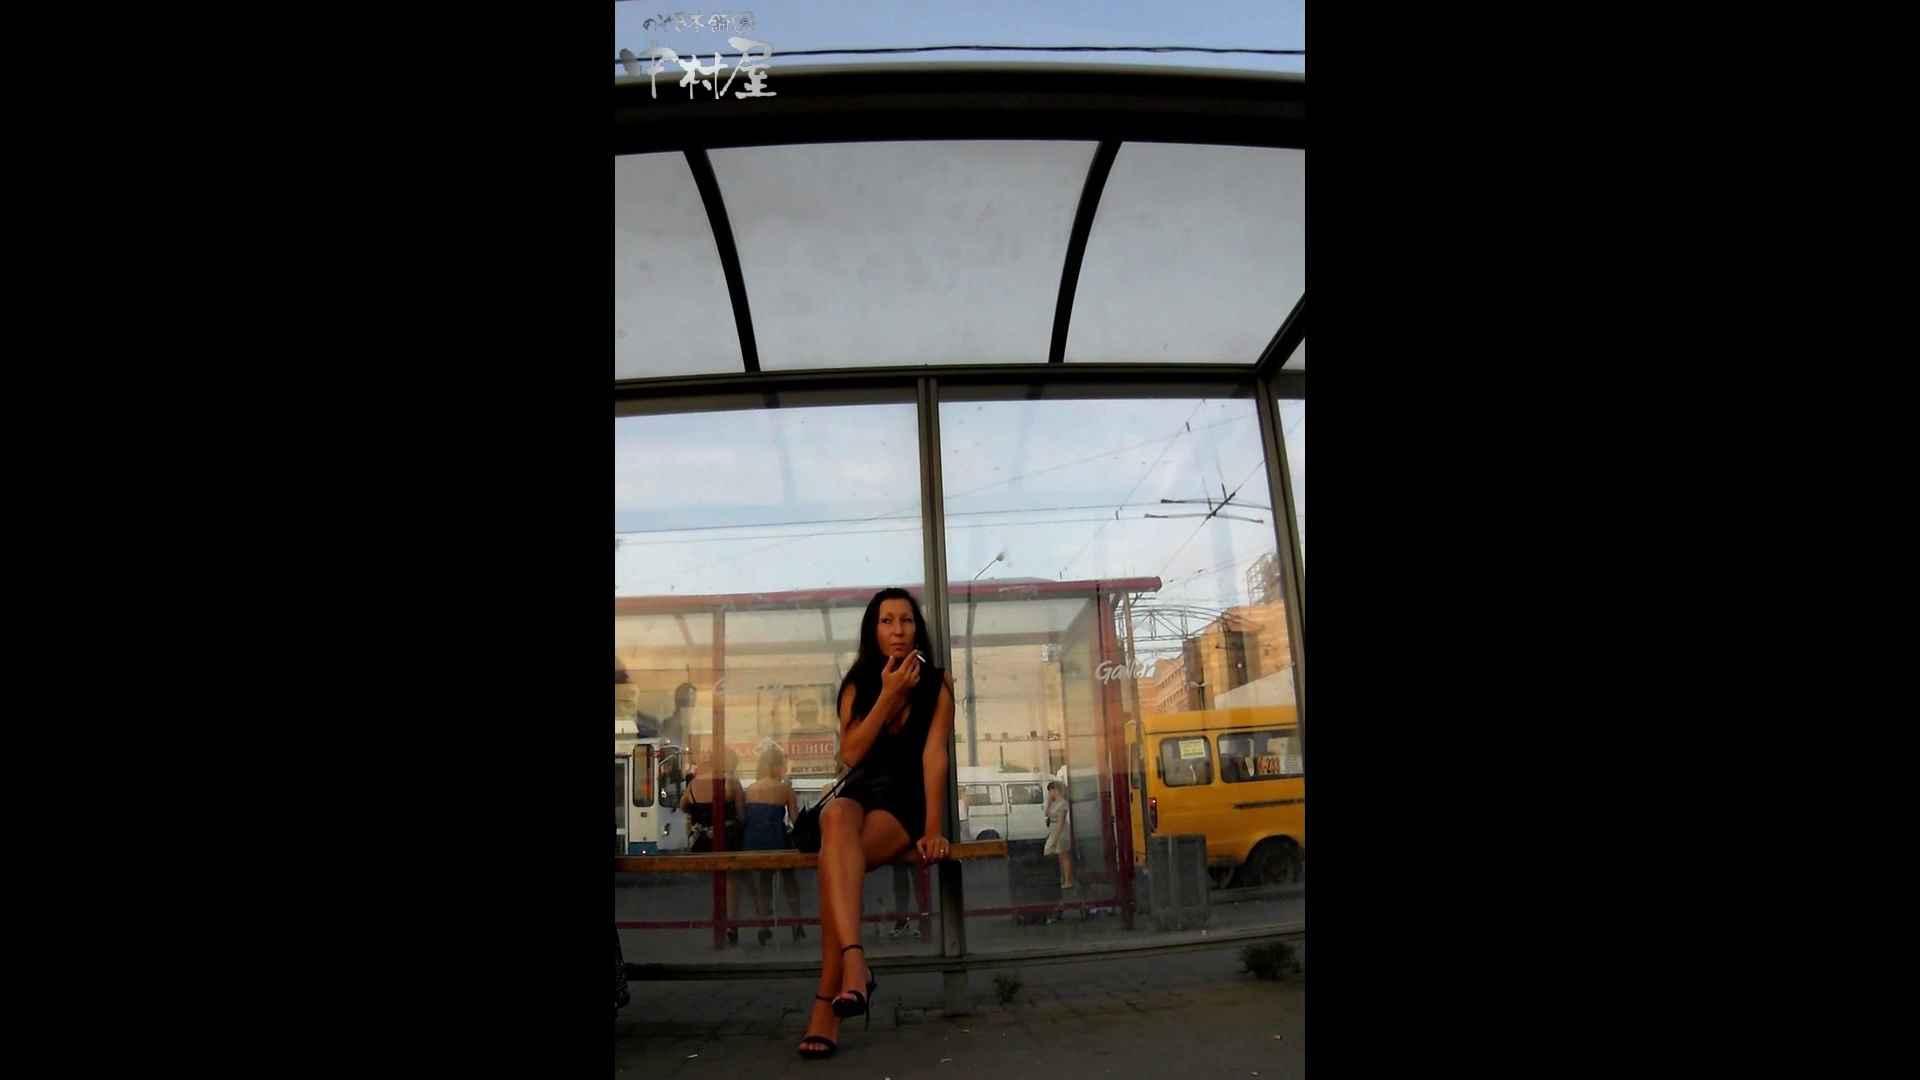 綺麗なモデルさんのスカート捲っちゃおう‼ vol27 お姉さんヌード | OLセックス  97画像 39